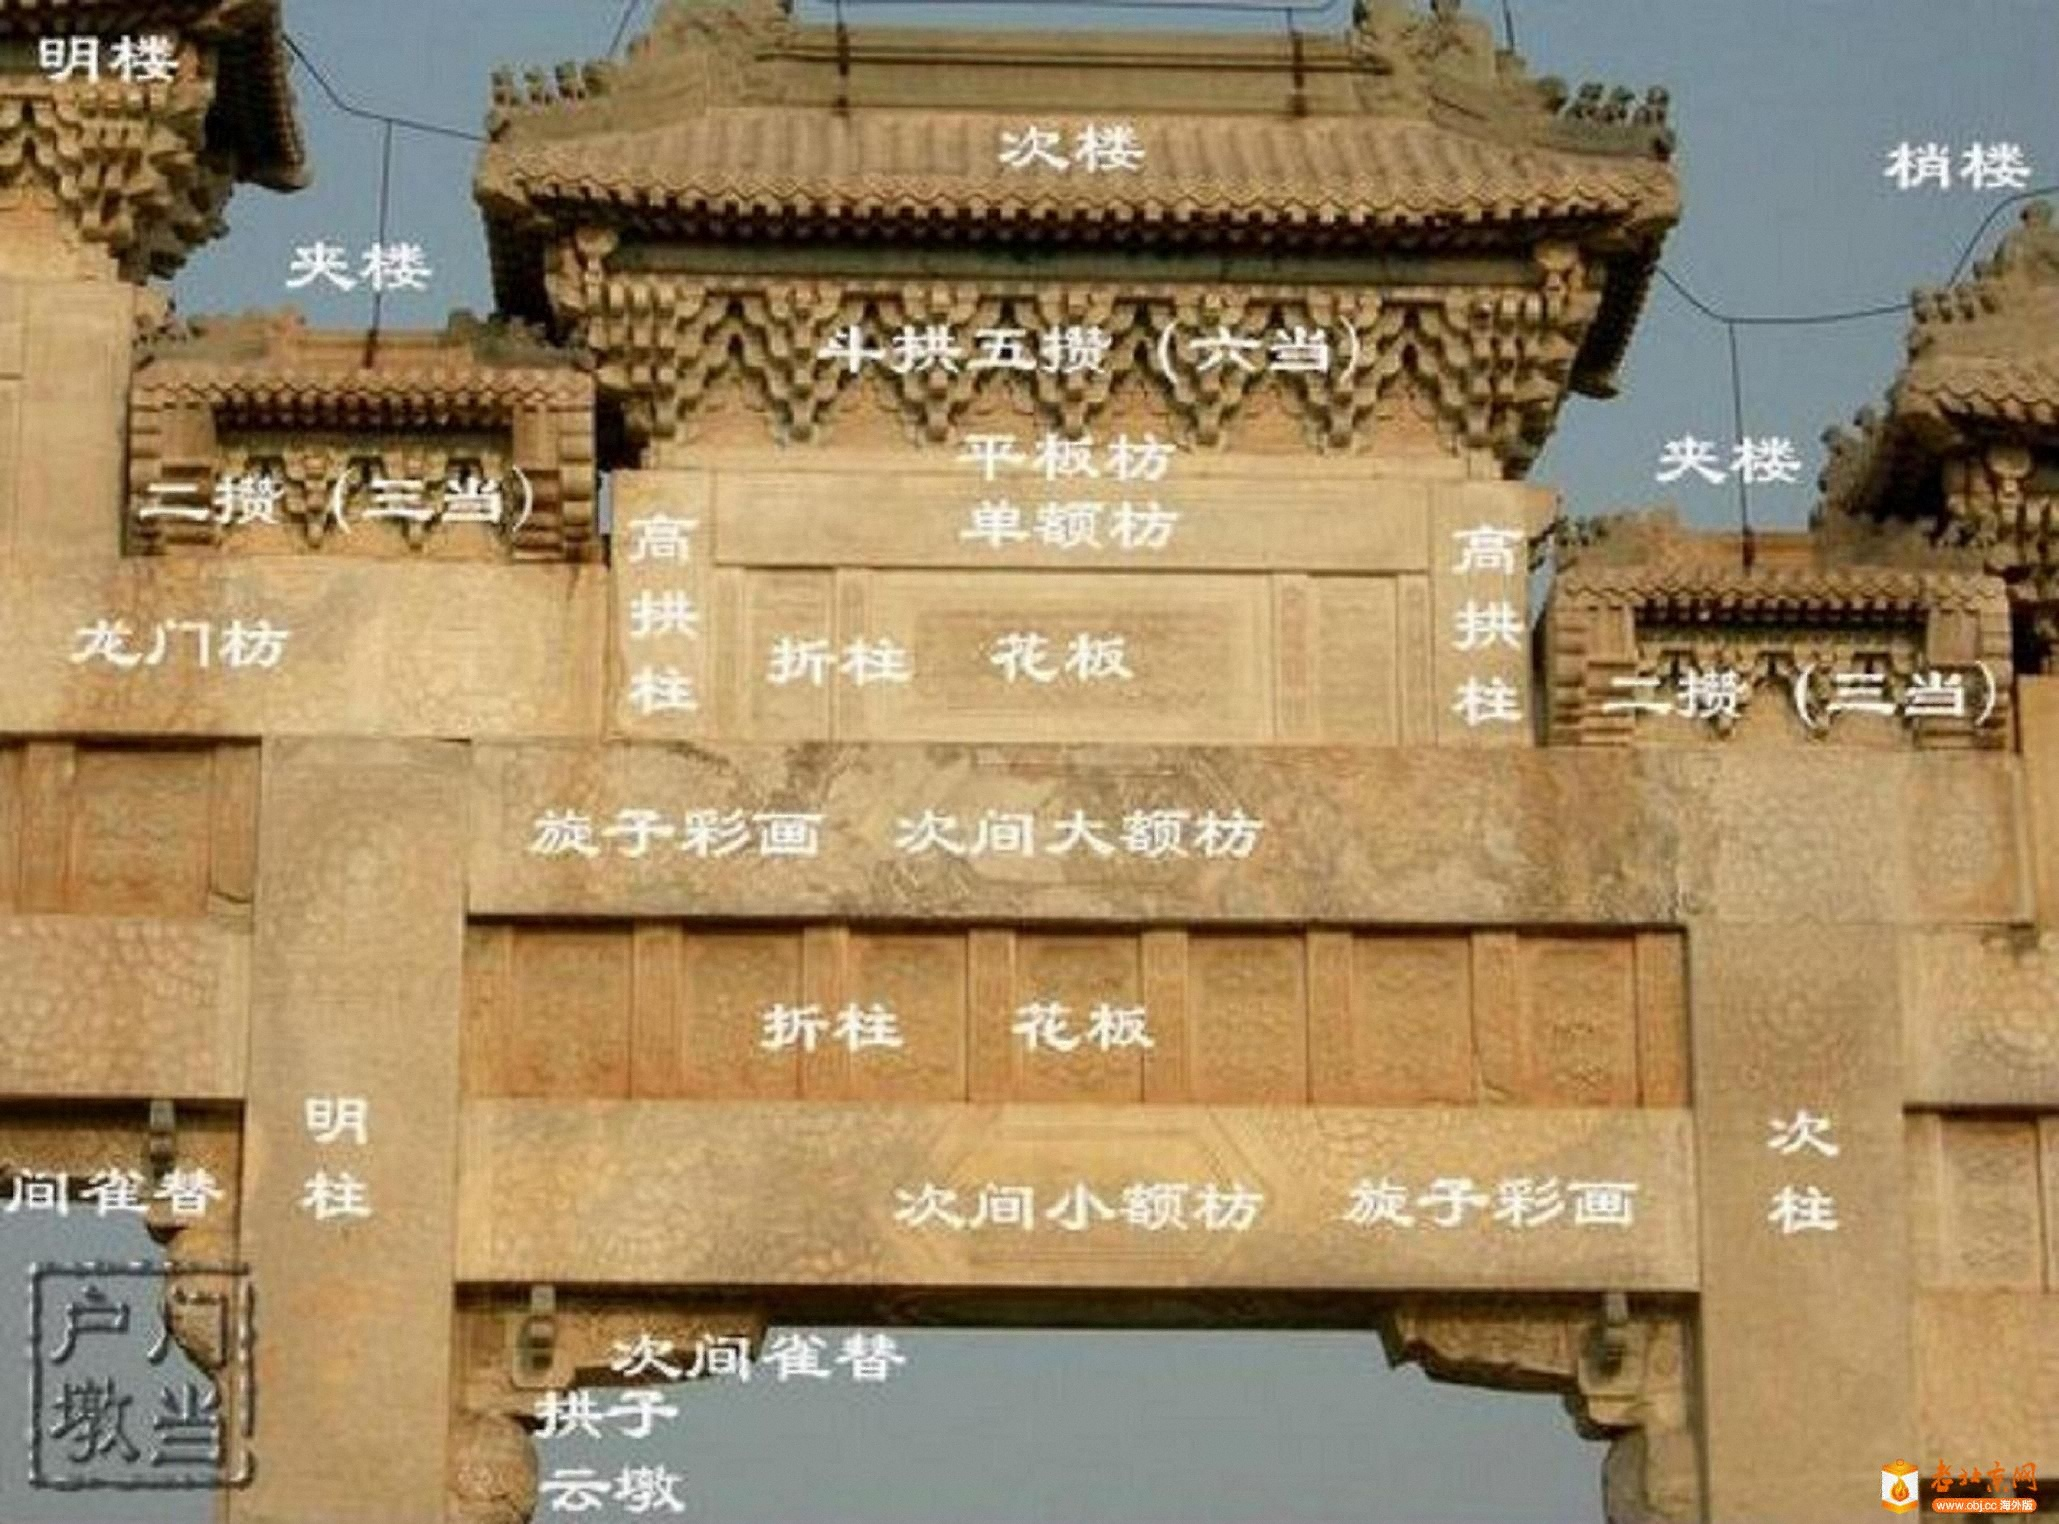 047.次楼构件标识.jpg